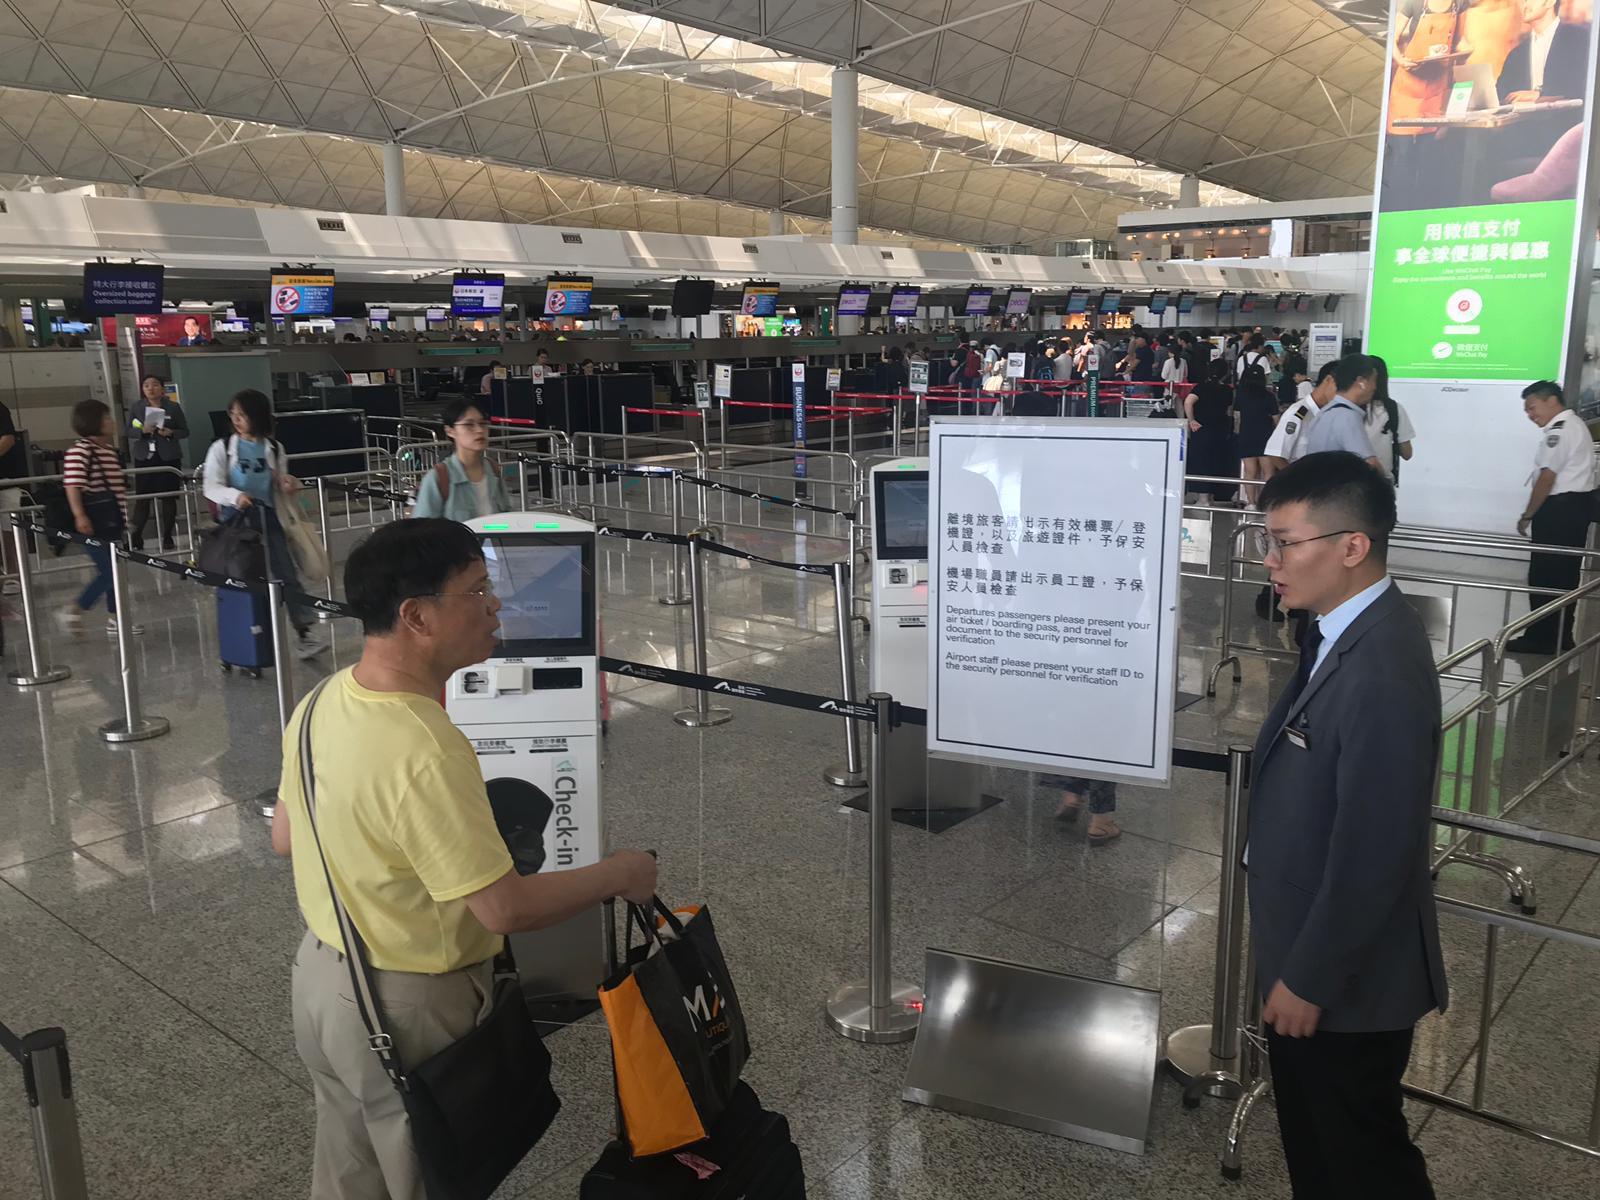 機場已實施人流管制措施。